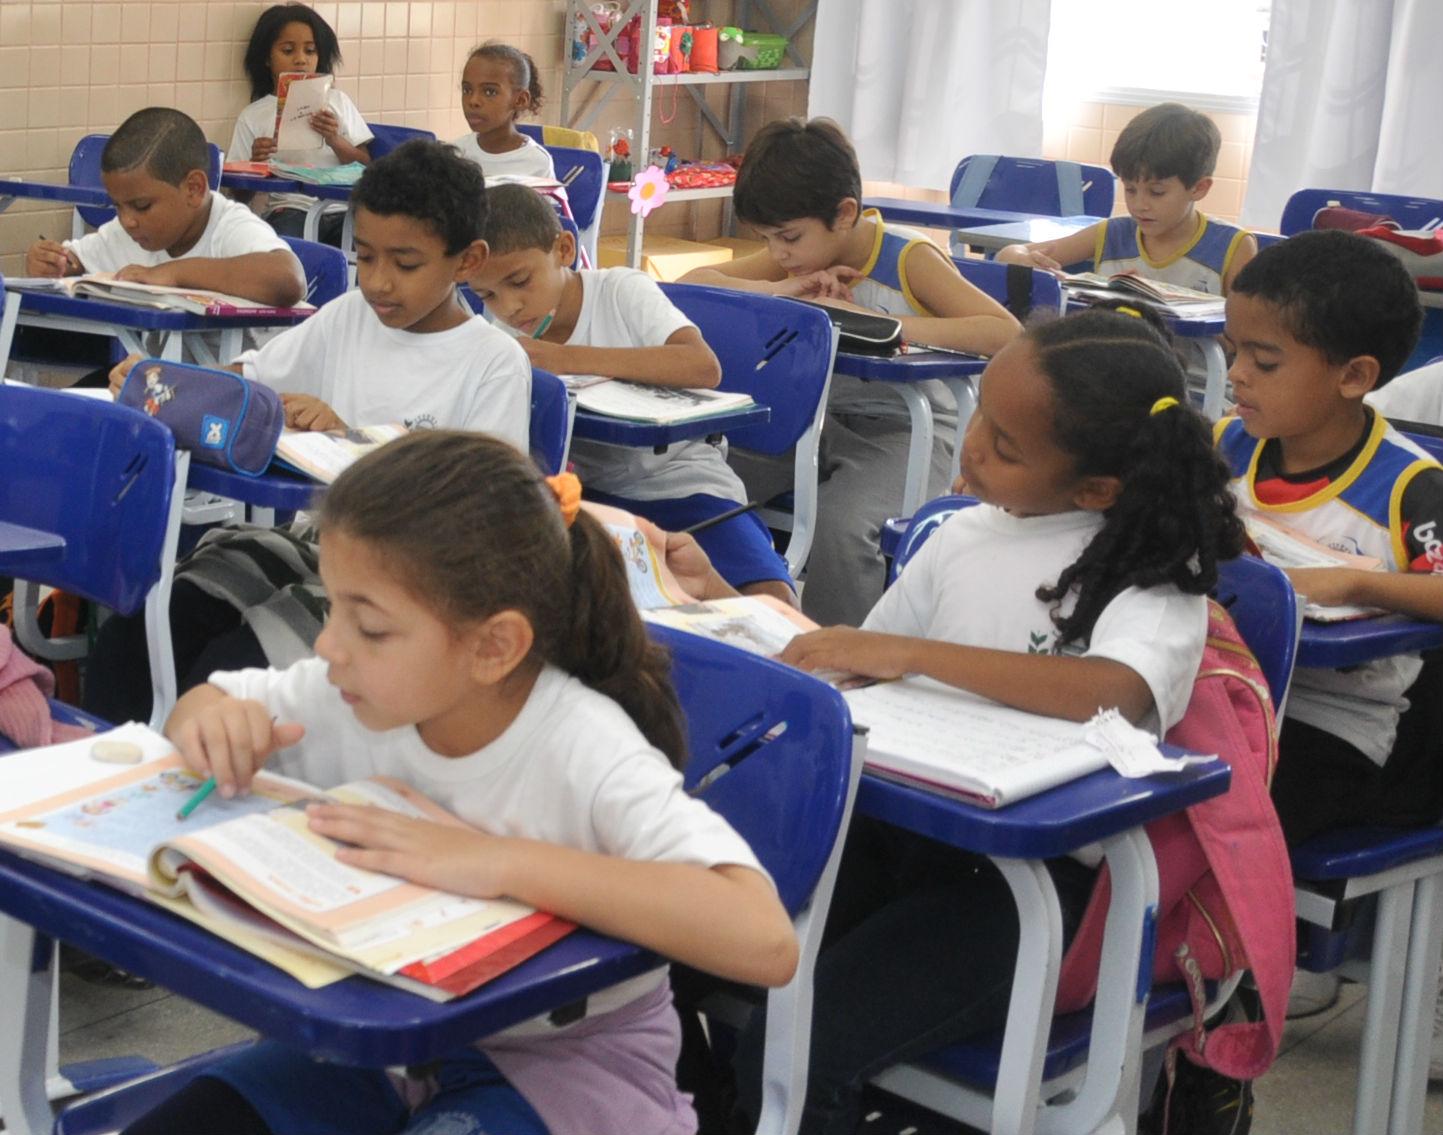 Semana de confirmação de matrículas novas nas escolas municipais